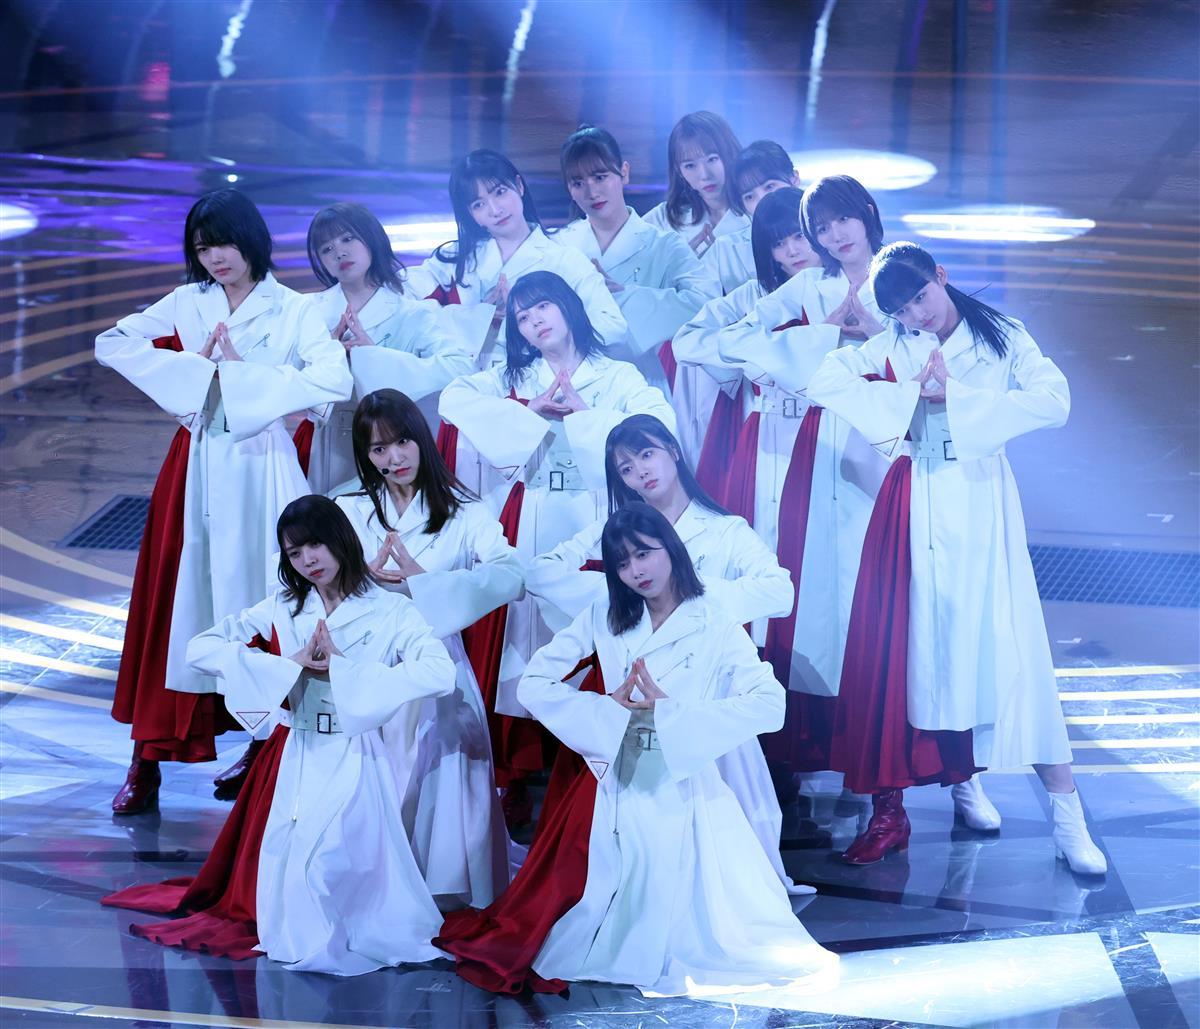 櫻坂46の画像 p1_36